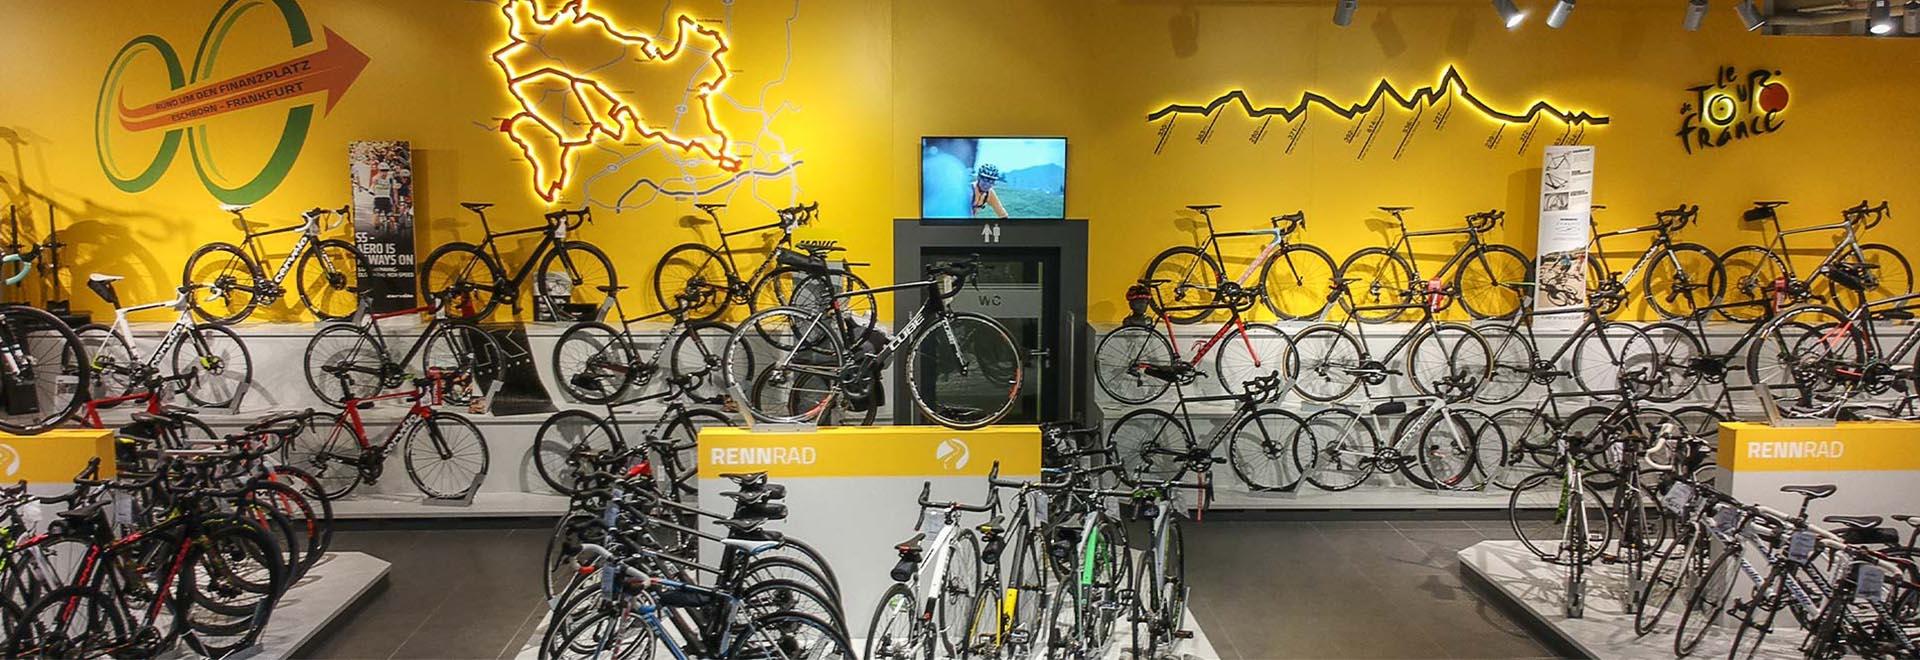 Größte Rennrad Auswahl in Hessen Fahrrad Denfeld Radsport GmbH